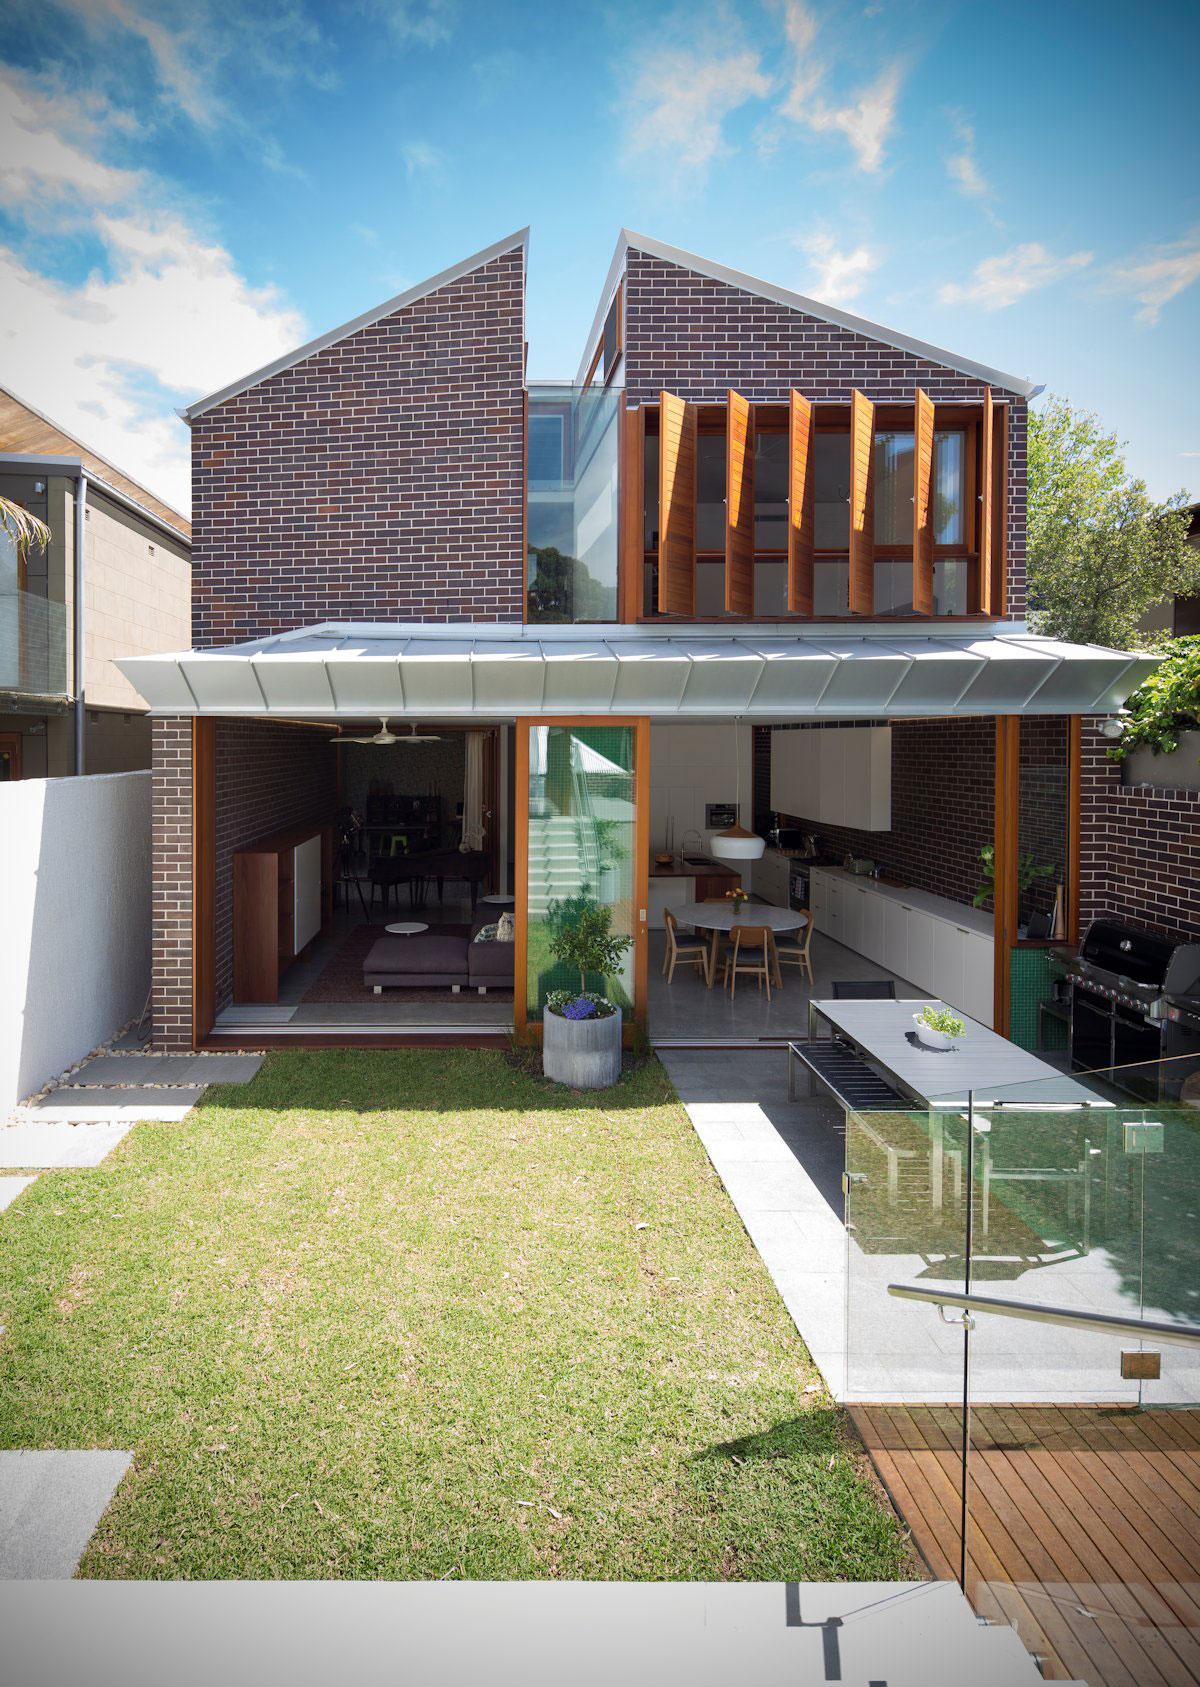 Green-House-by-Carterwilliamson-Architects Australisk arkitektur och några vackra hus för att inspirera dig